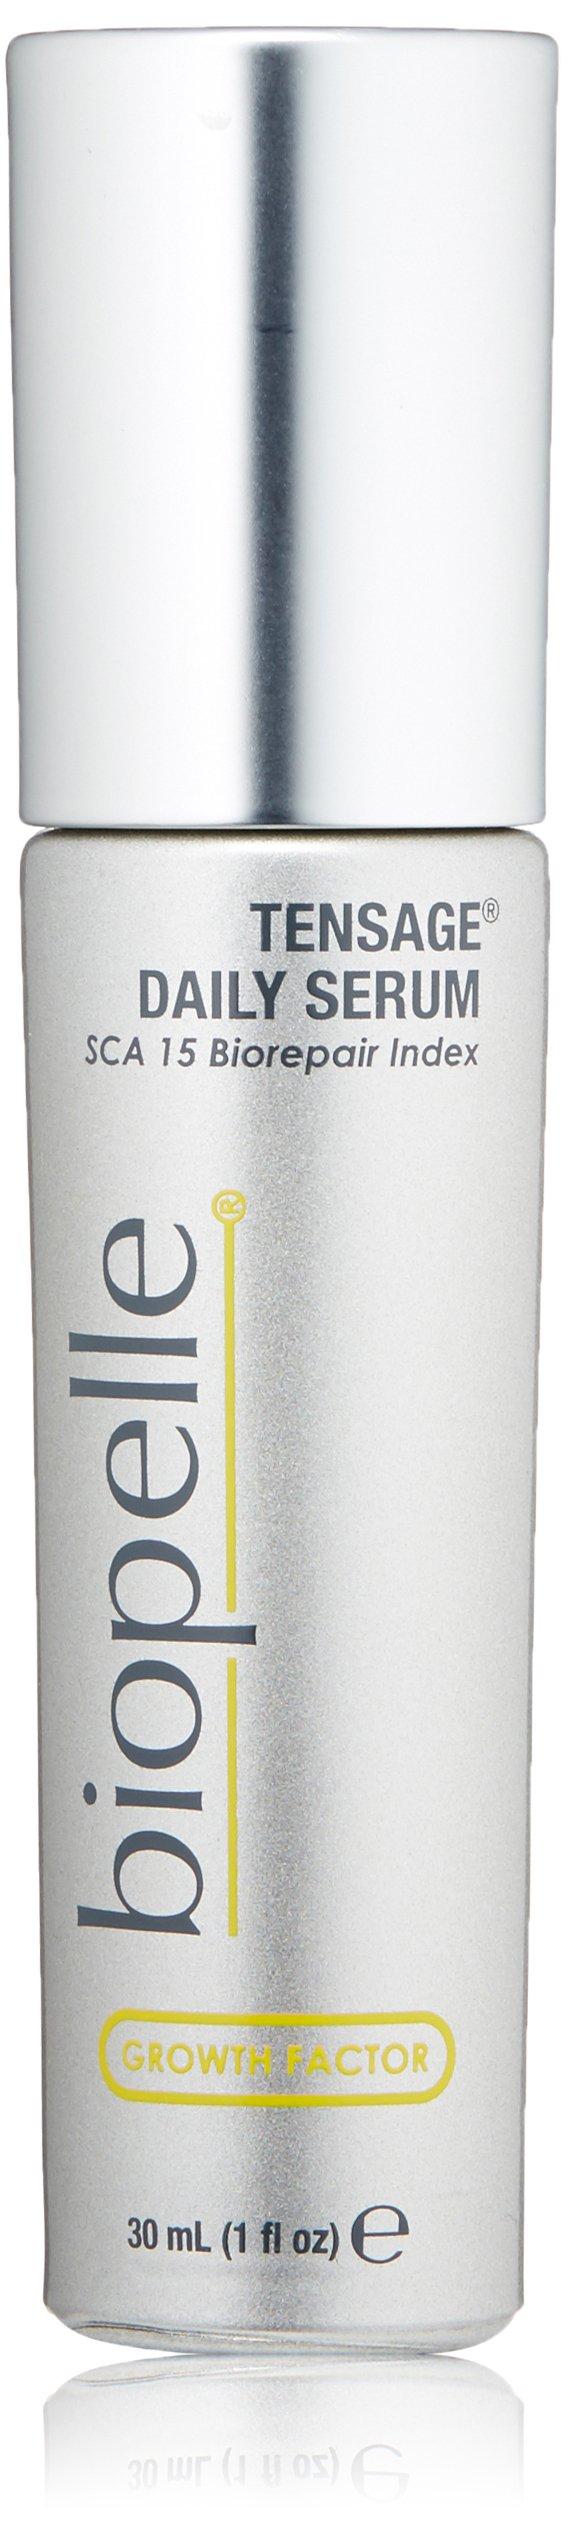 Biopelle Tensage Daily Serum SCA 15, 1 fl. oz.